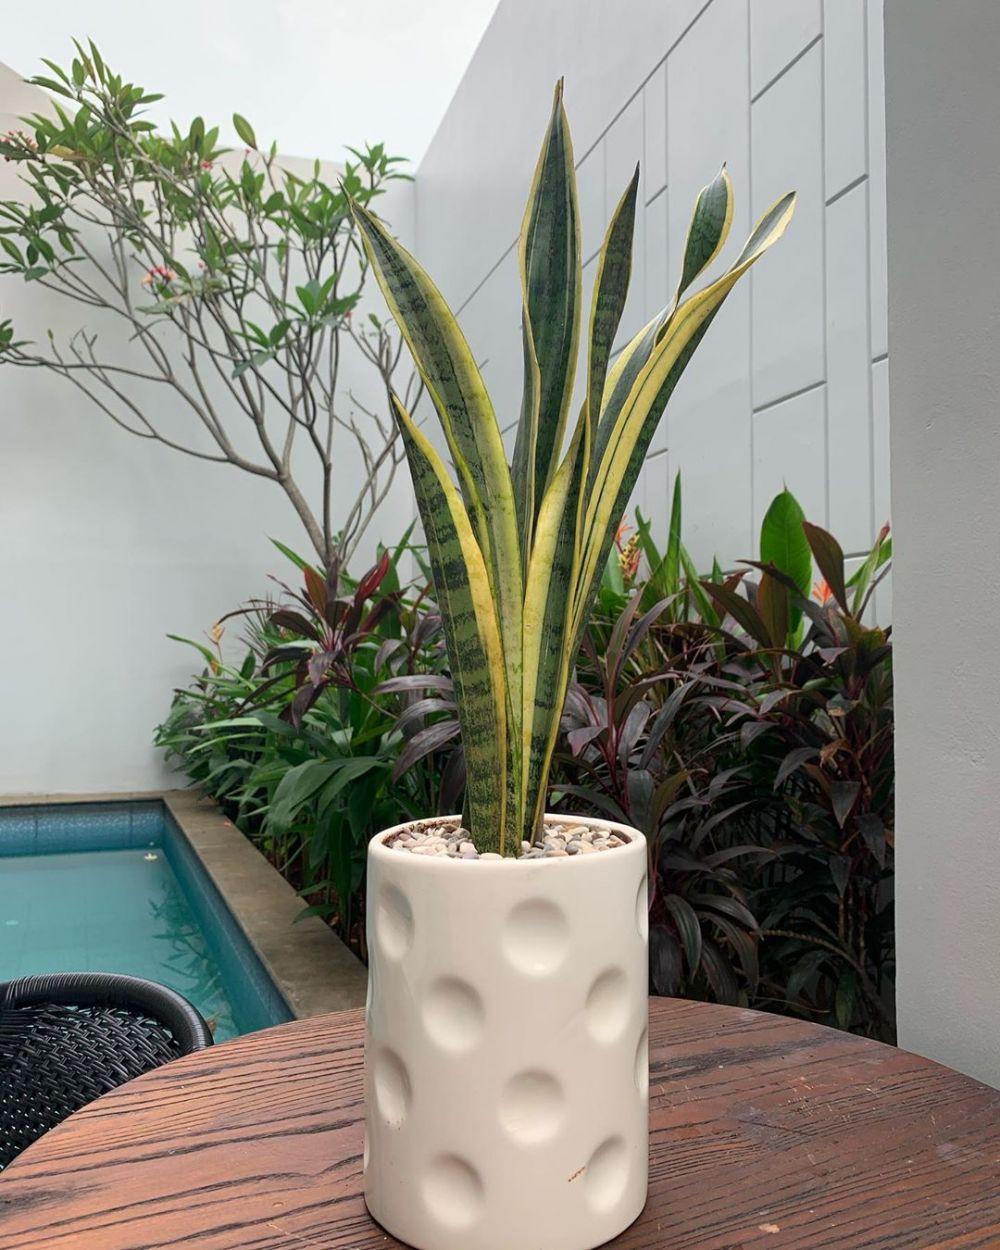 koleksi tanaman hias sarita Instagram